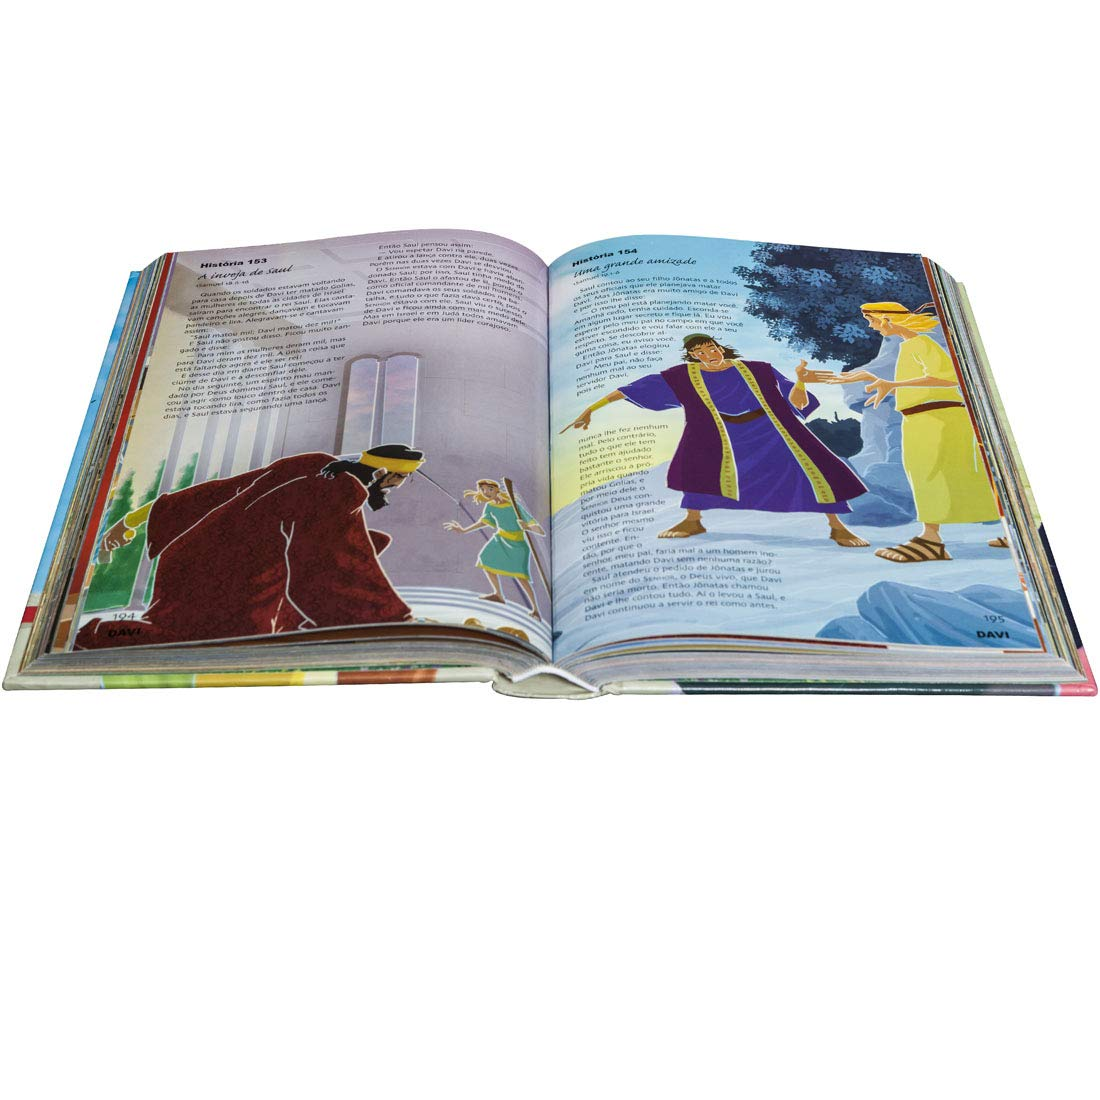 Bíblia Ilustrada  365 Histórias Selecionadas: Nova Tradução na Linguagem de Hoje (NTLH)  - Universo Bíblico Rs